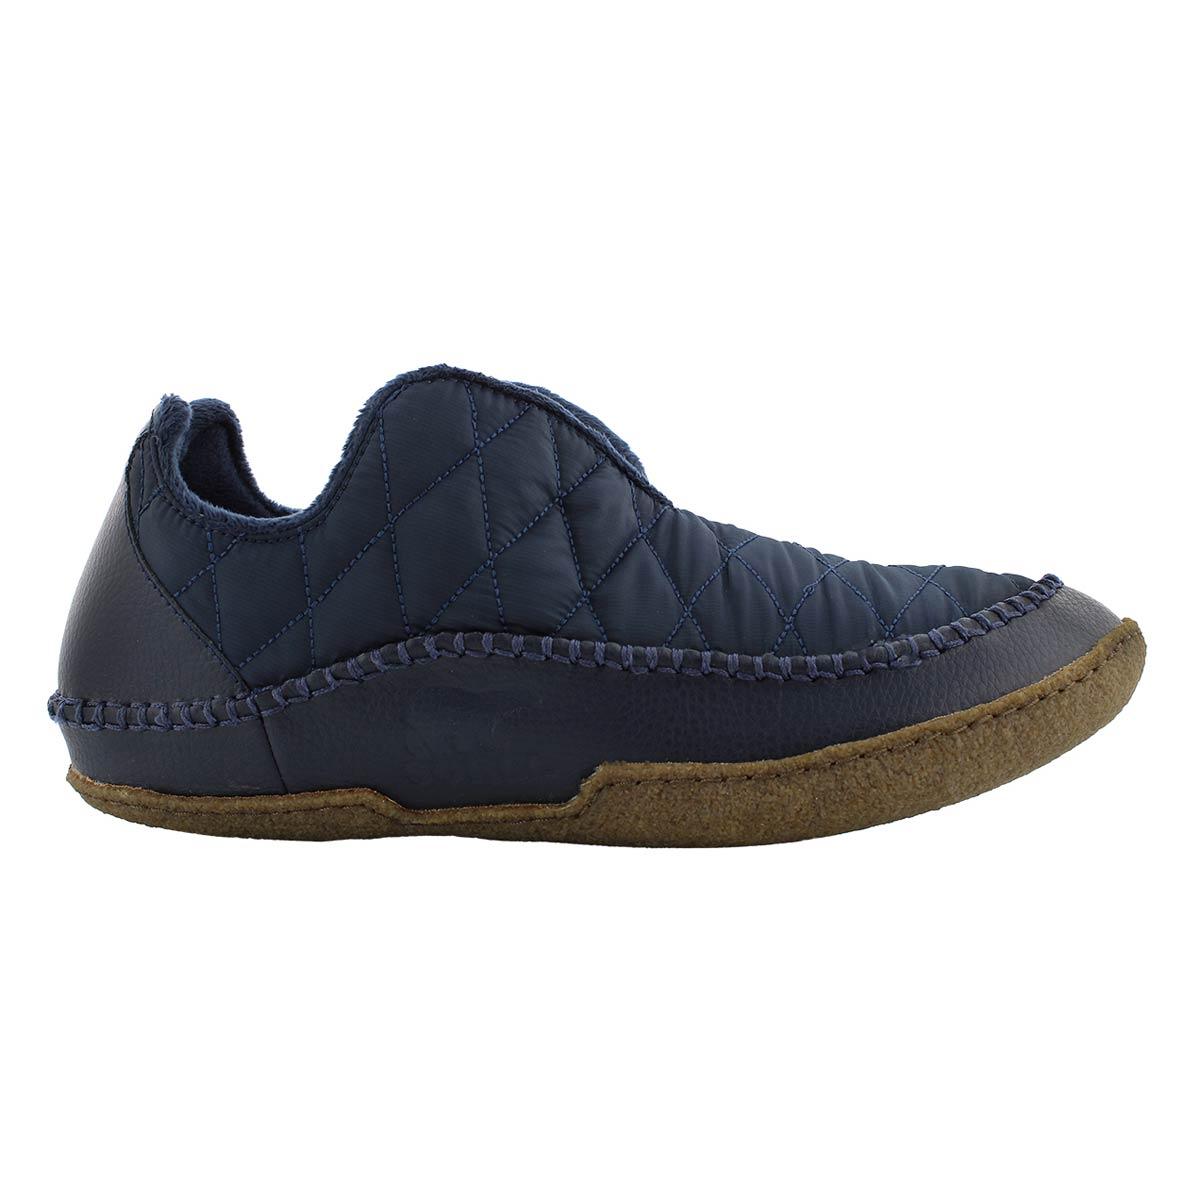 Mns Manawan collegiate navy slipper